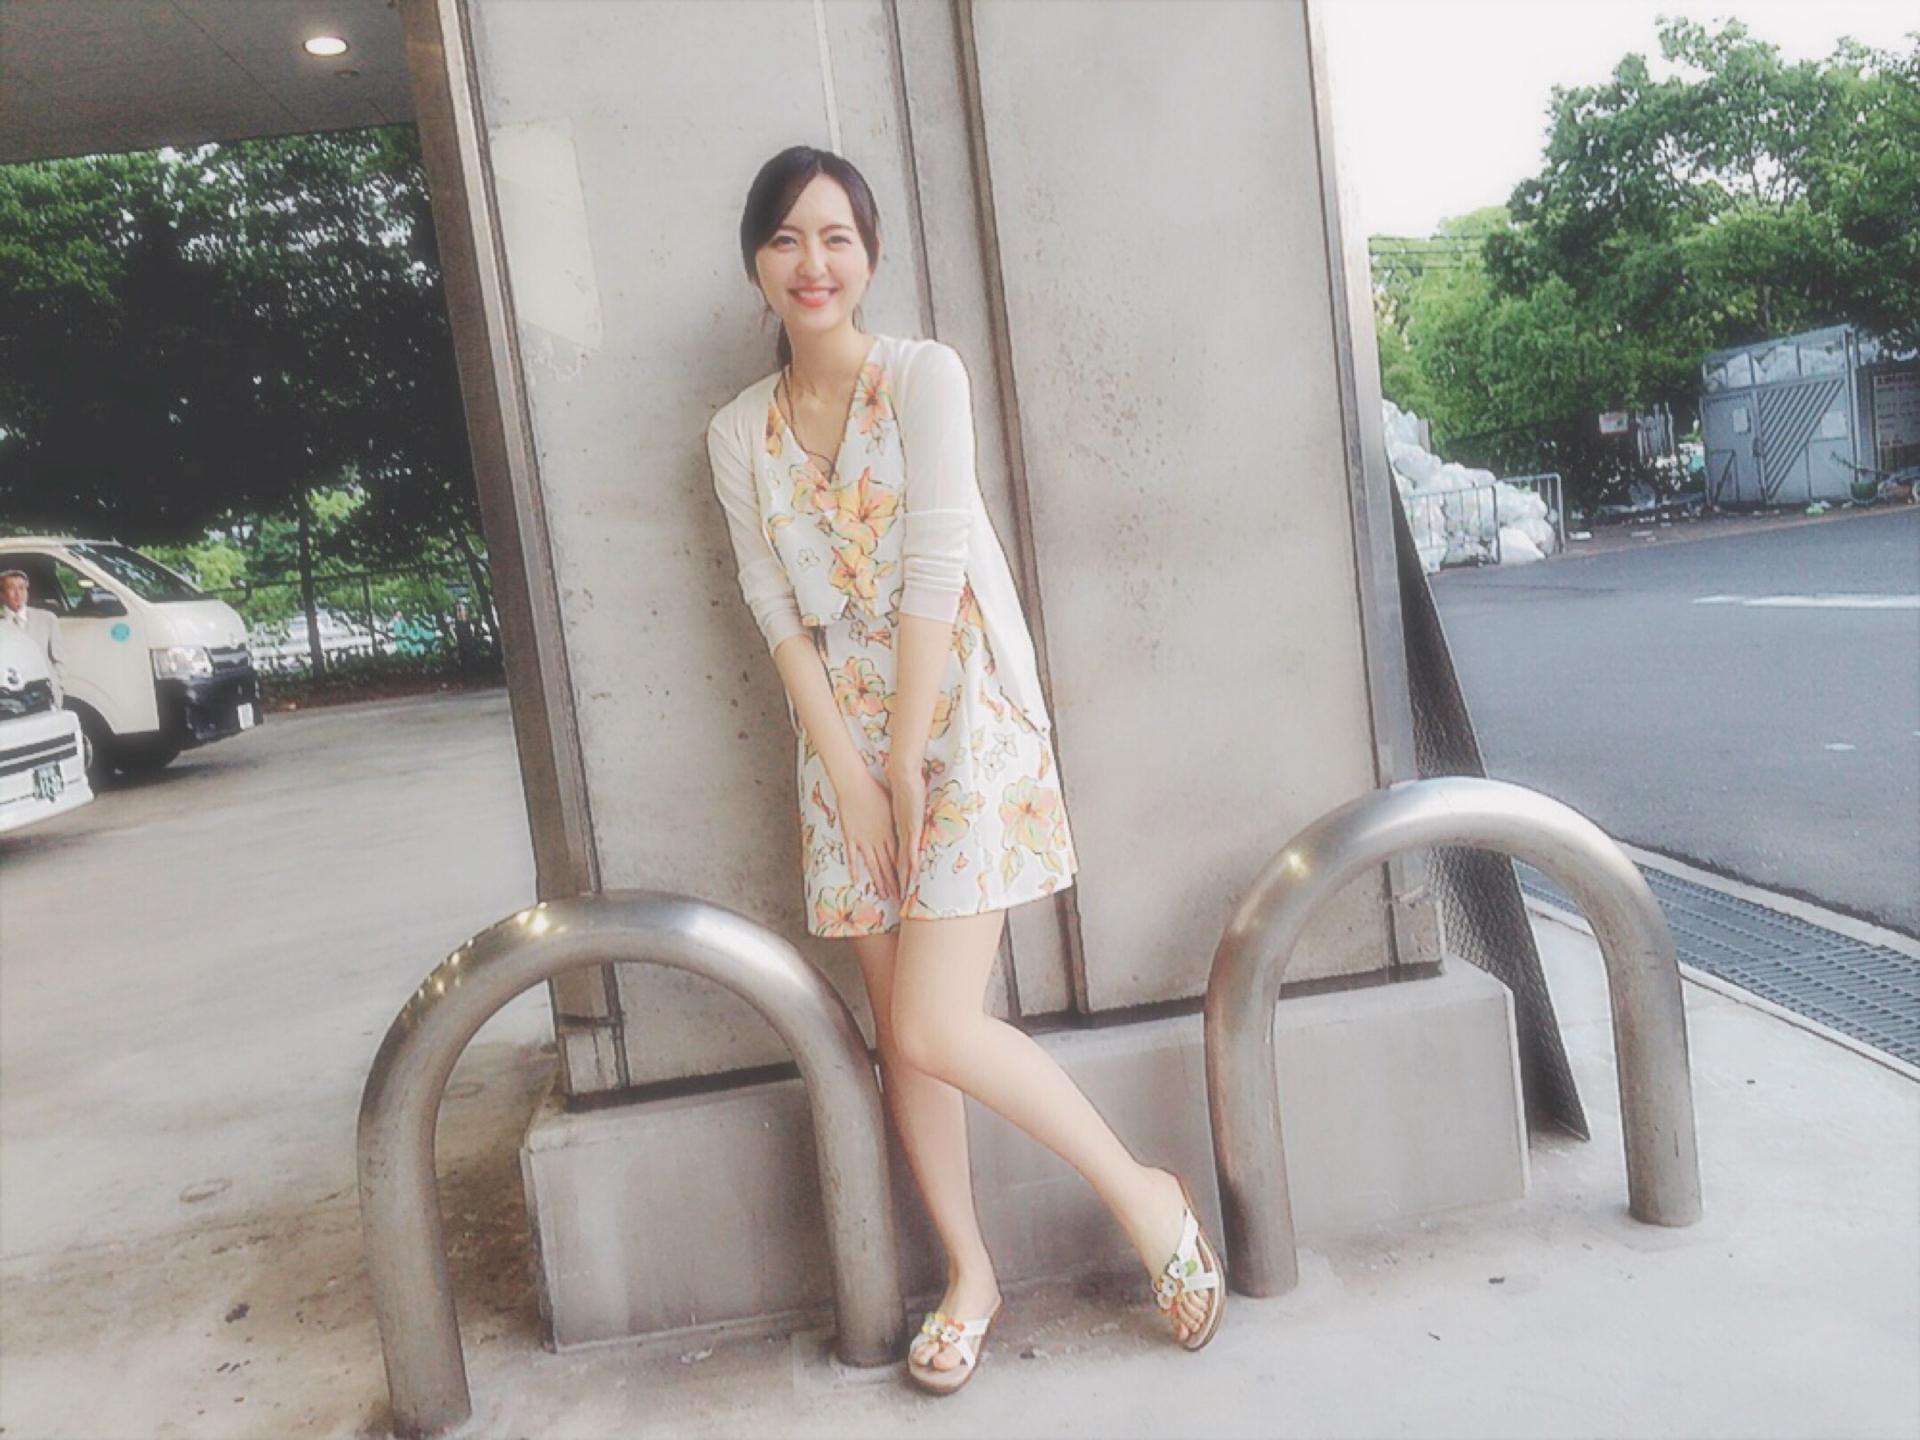 【HKT48】森保まどか☆応援スレ93【もりぽ】©2ch.netYouTube動画>35本 ->画像>130枚